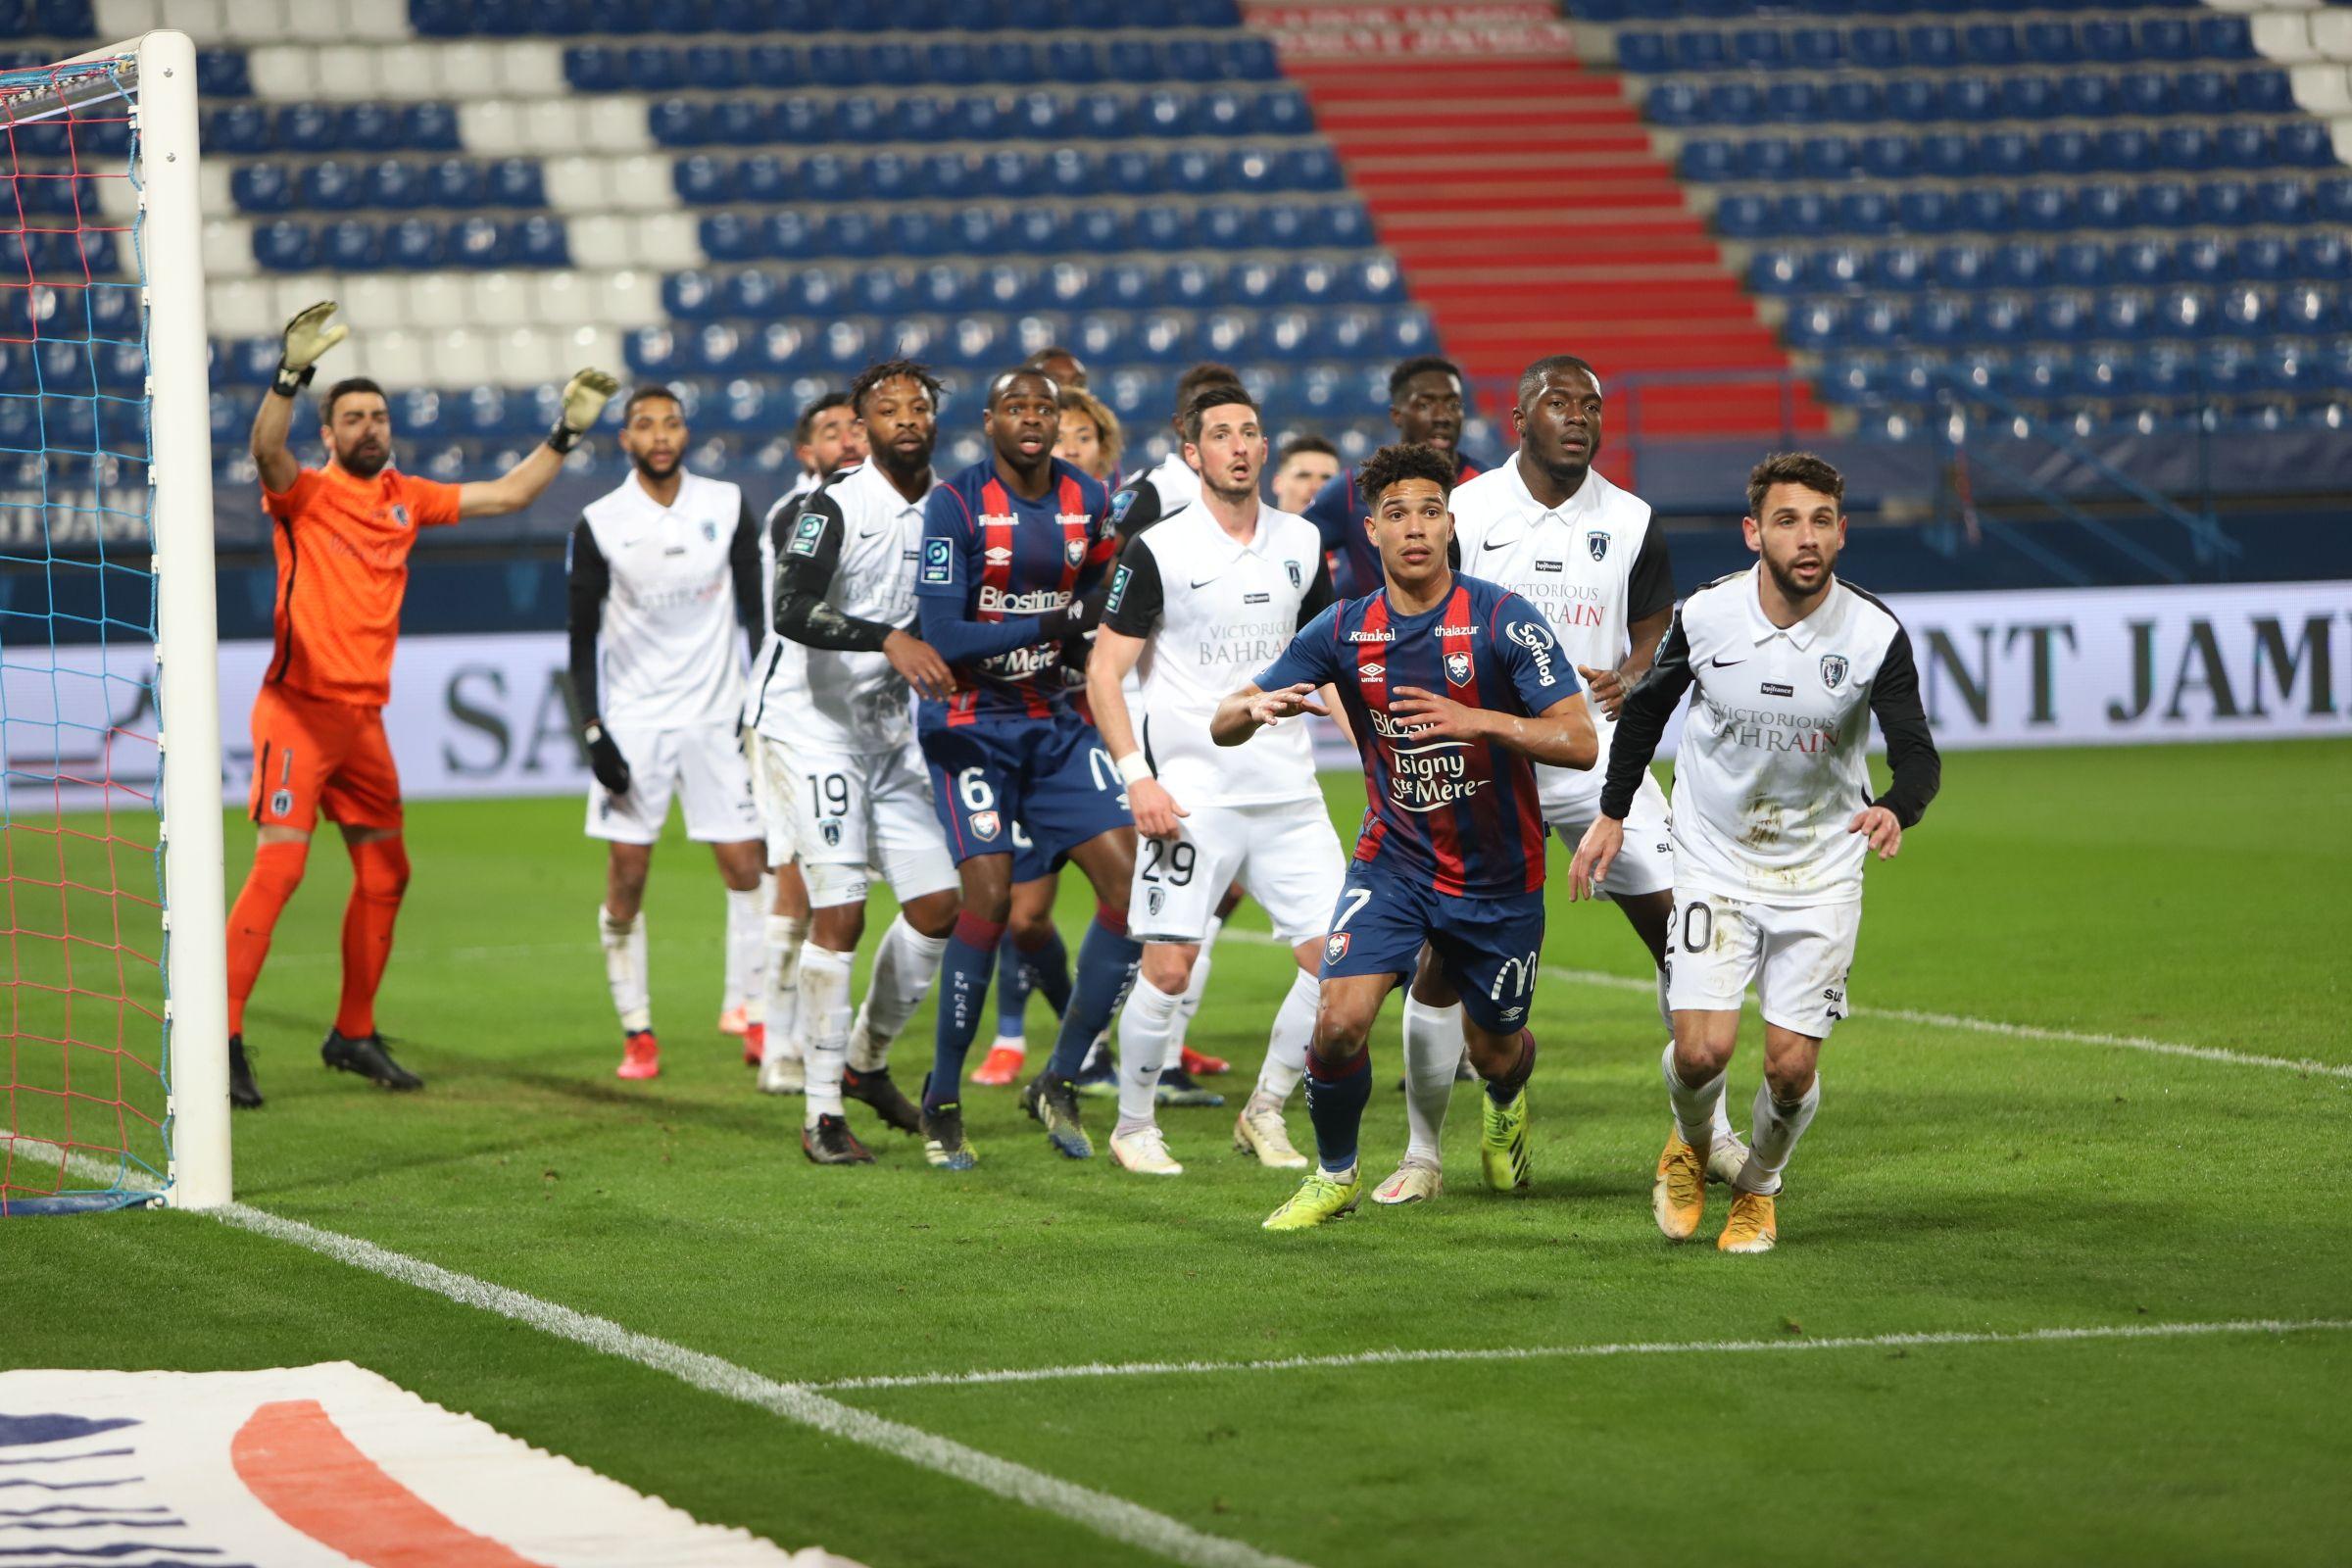 Le SM Caen a désormais autant de points que la saison dernière à la même époque